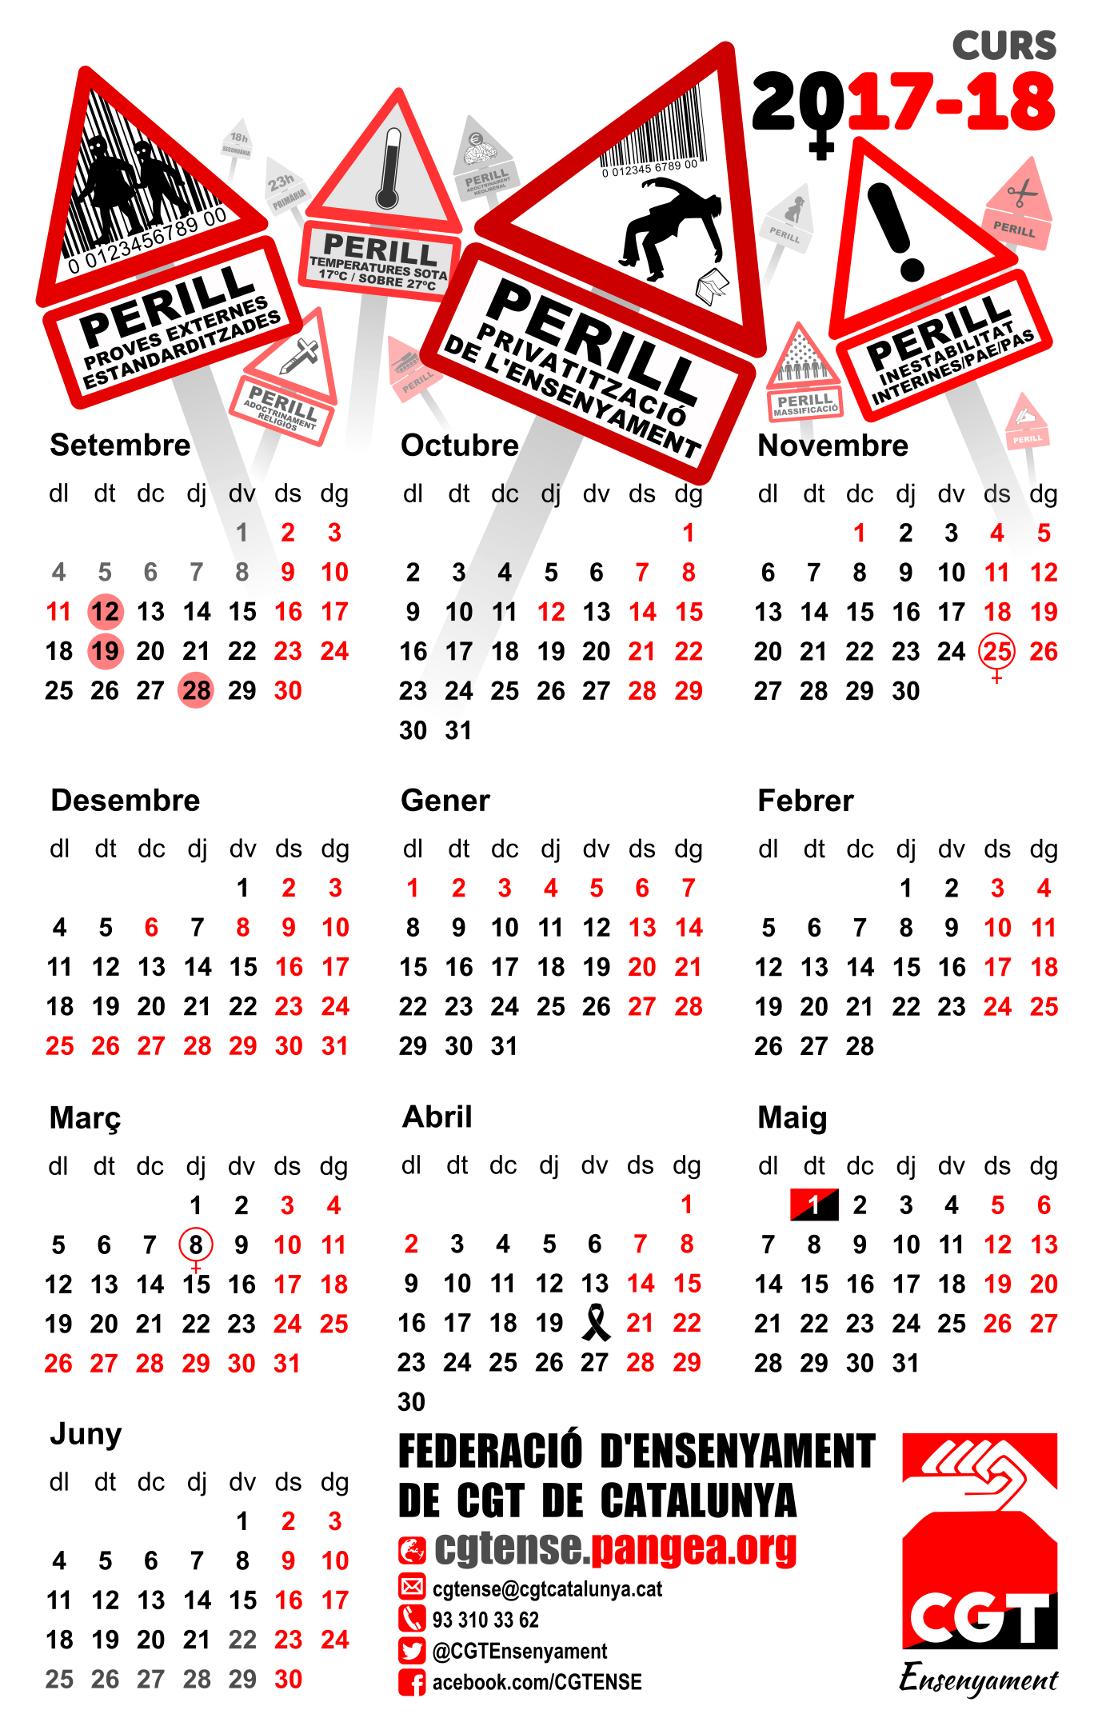 calendari_cgt_17_18.png